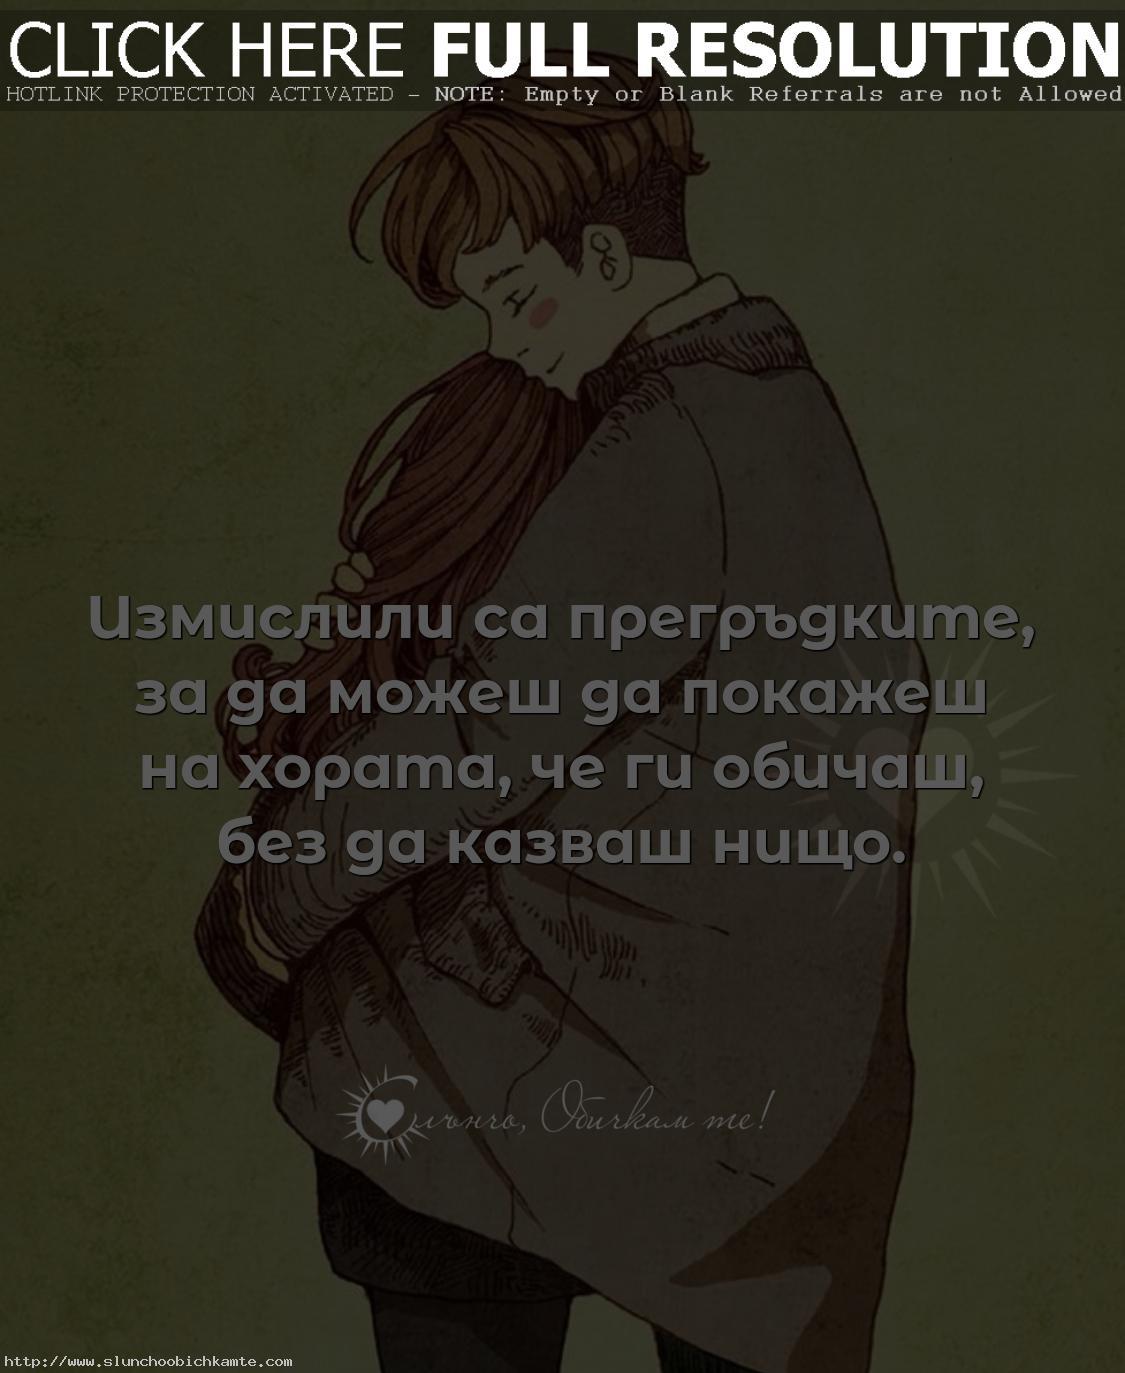 Измислили са прегръдките, за да можеш да покажеш на хората, че ги обичаш, без да казваш нищо - любовни фрази, любовни цитати, цитати за прегръдката, любовни статуси, статуси за прегръдката, любовни мисли, обичам те